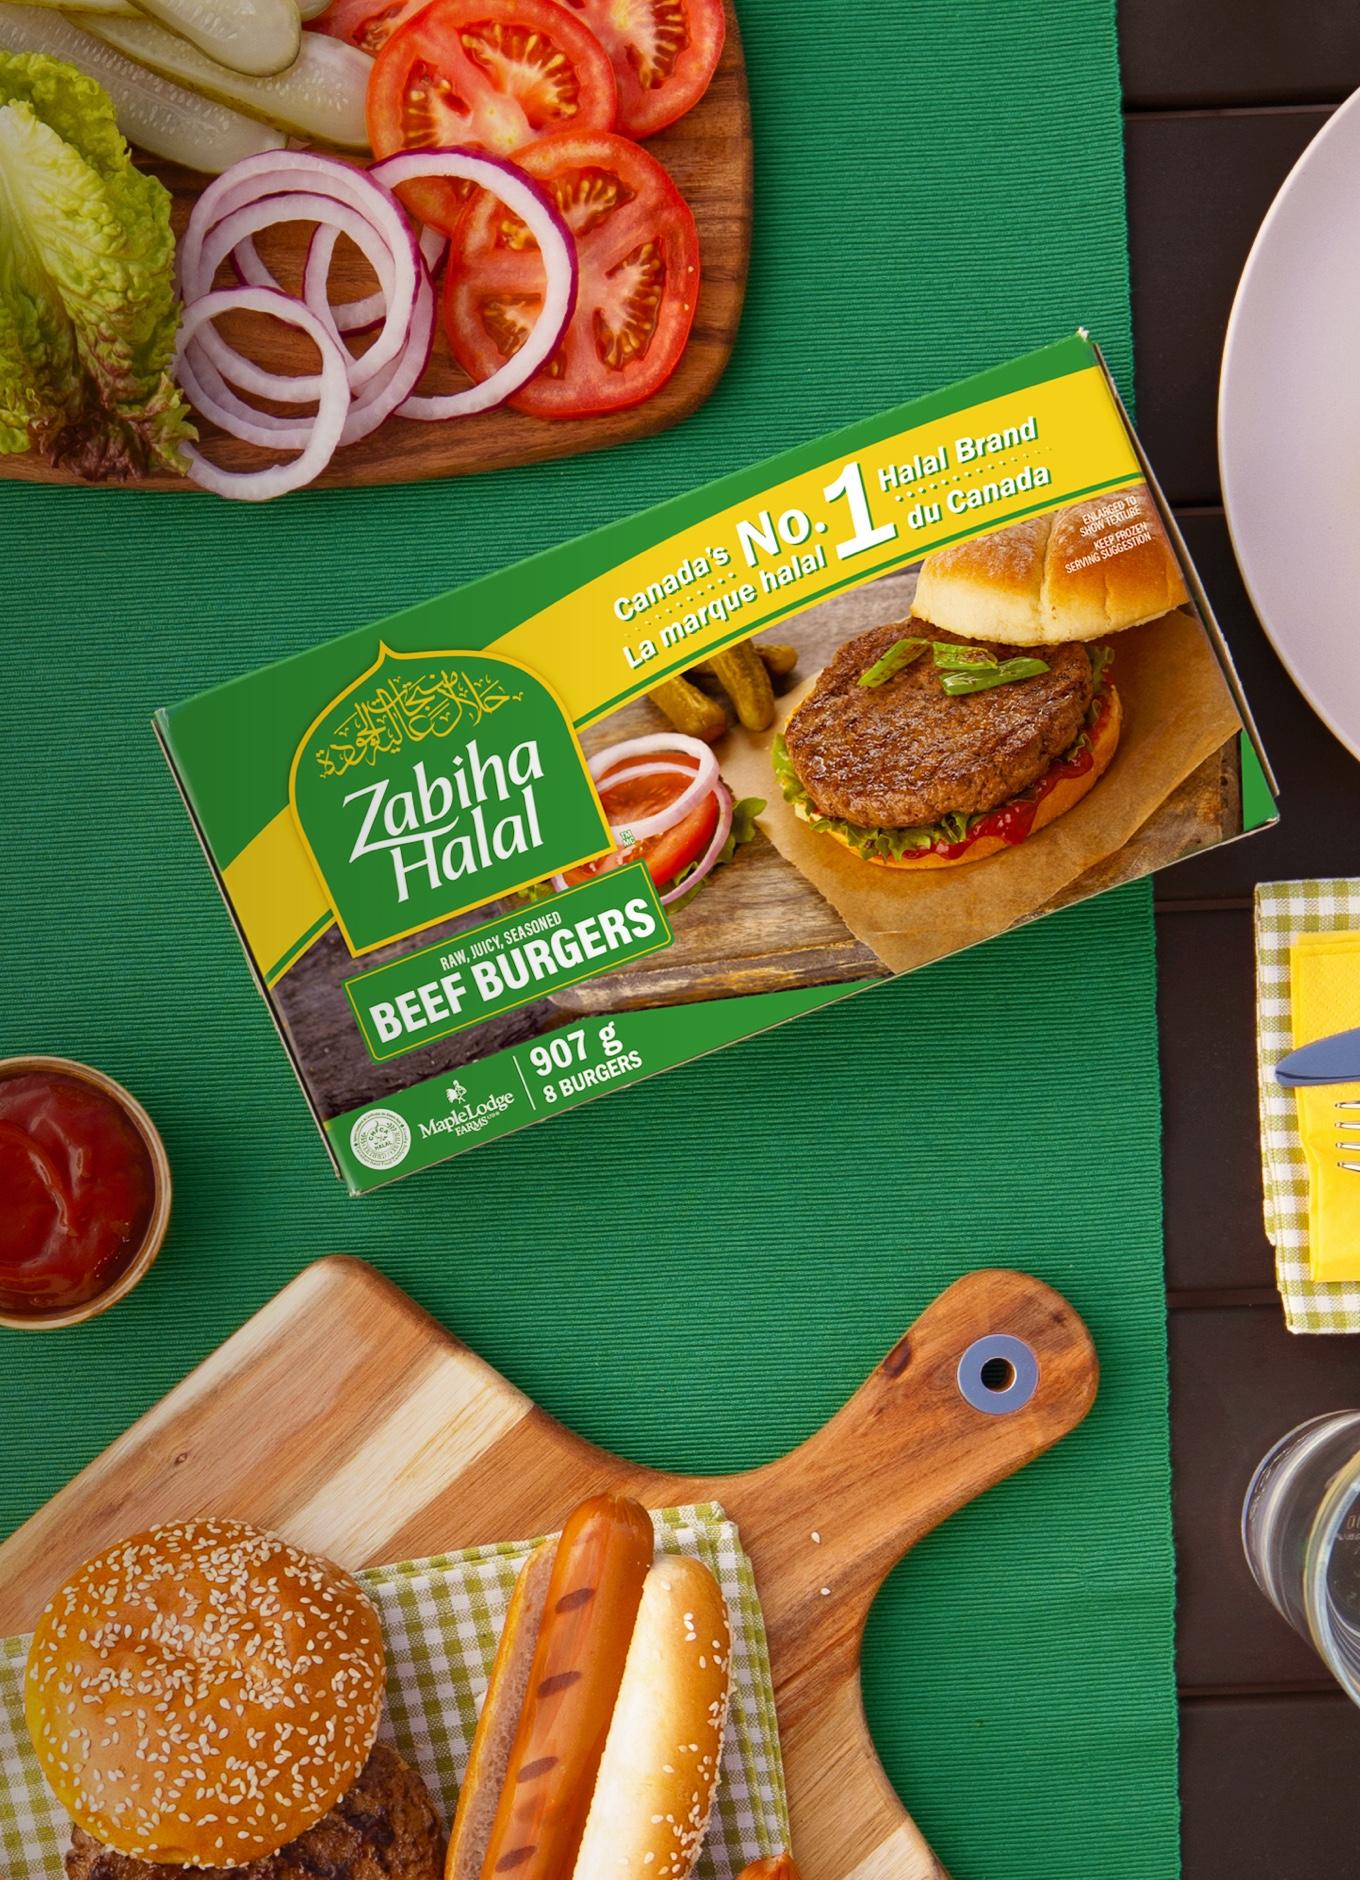 Un emballage de burgers de bœuf Zabiha Halal sur une table, avec garnitures et petits pains frais.